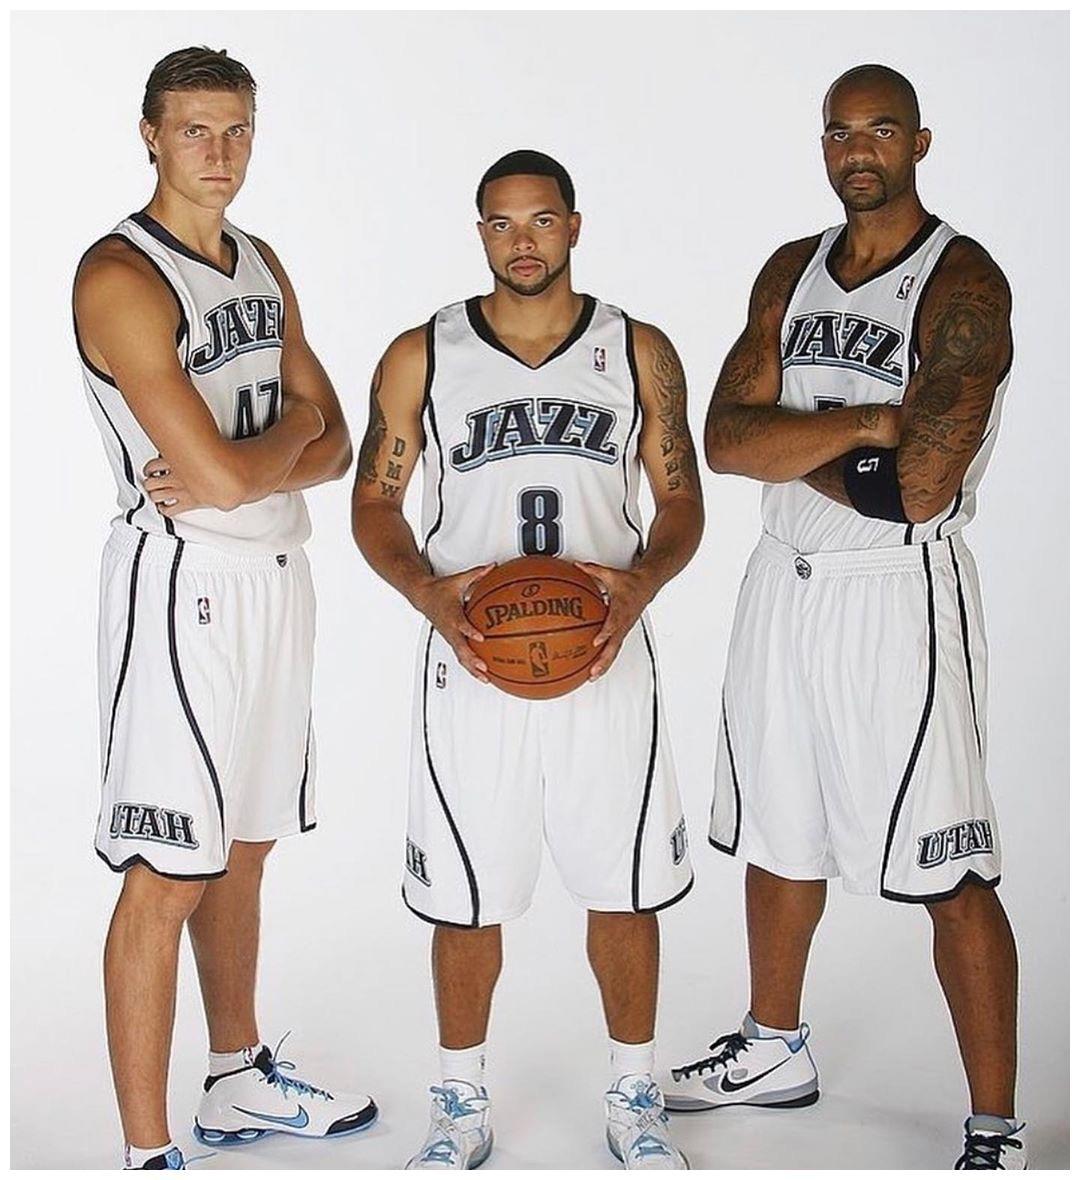 那些被遗忘的NBA三巨头:罗斯甜瓜不欢而散,麦迪也曾抱过大腿